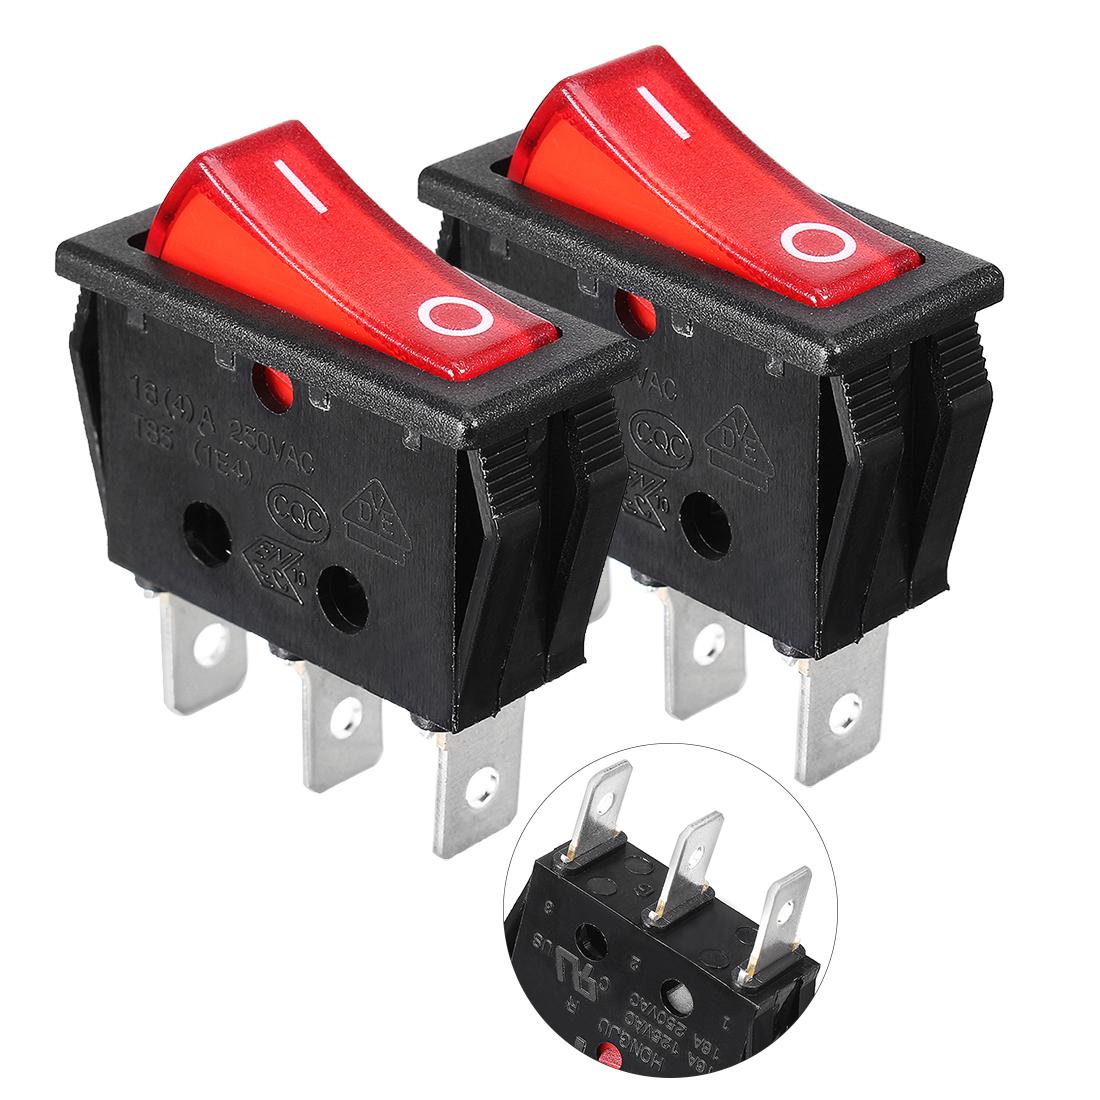 2 Pcs 3P SPST On/Off Neon Light Rocker Switch AC 250V/16